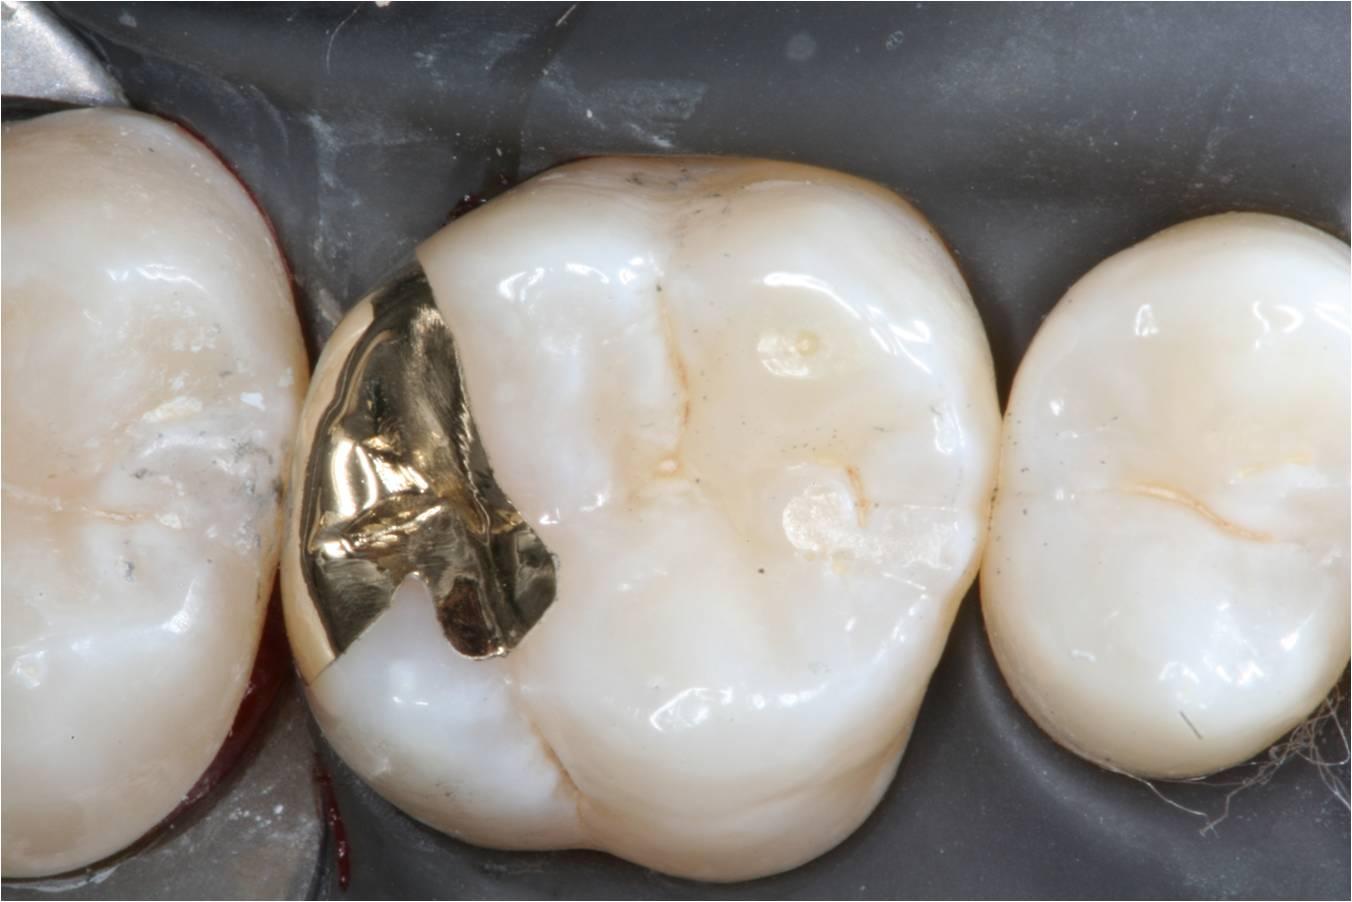 After Gold Restoration